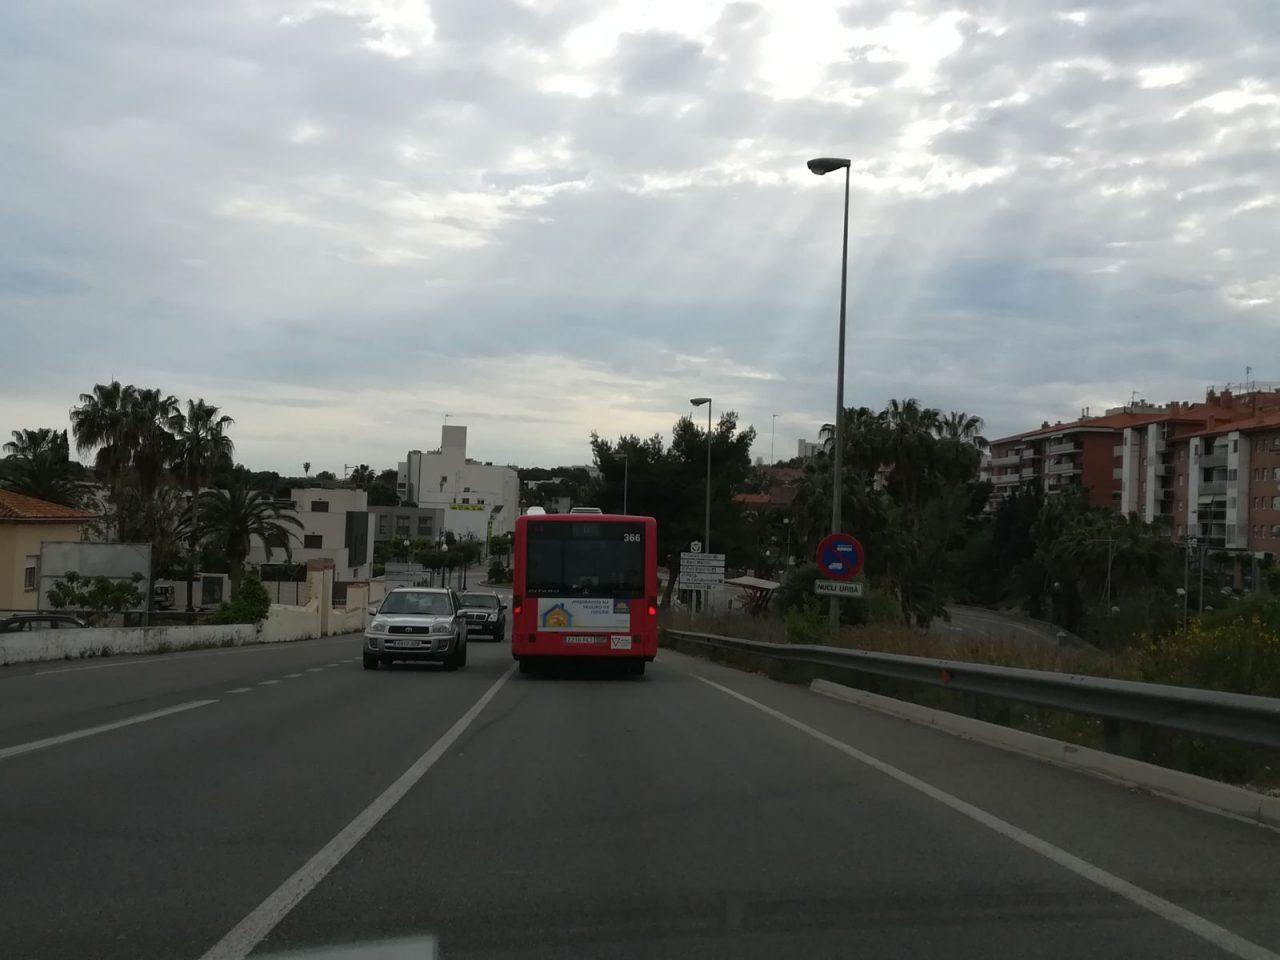 busos-1280x960.jpg